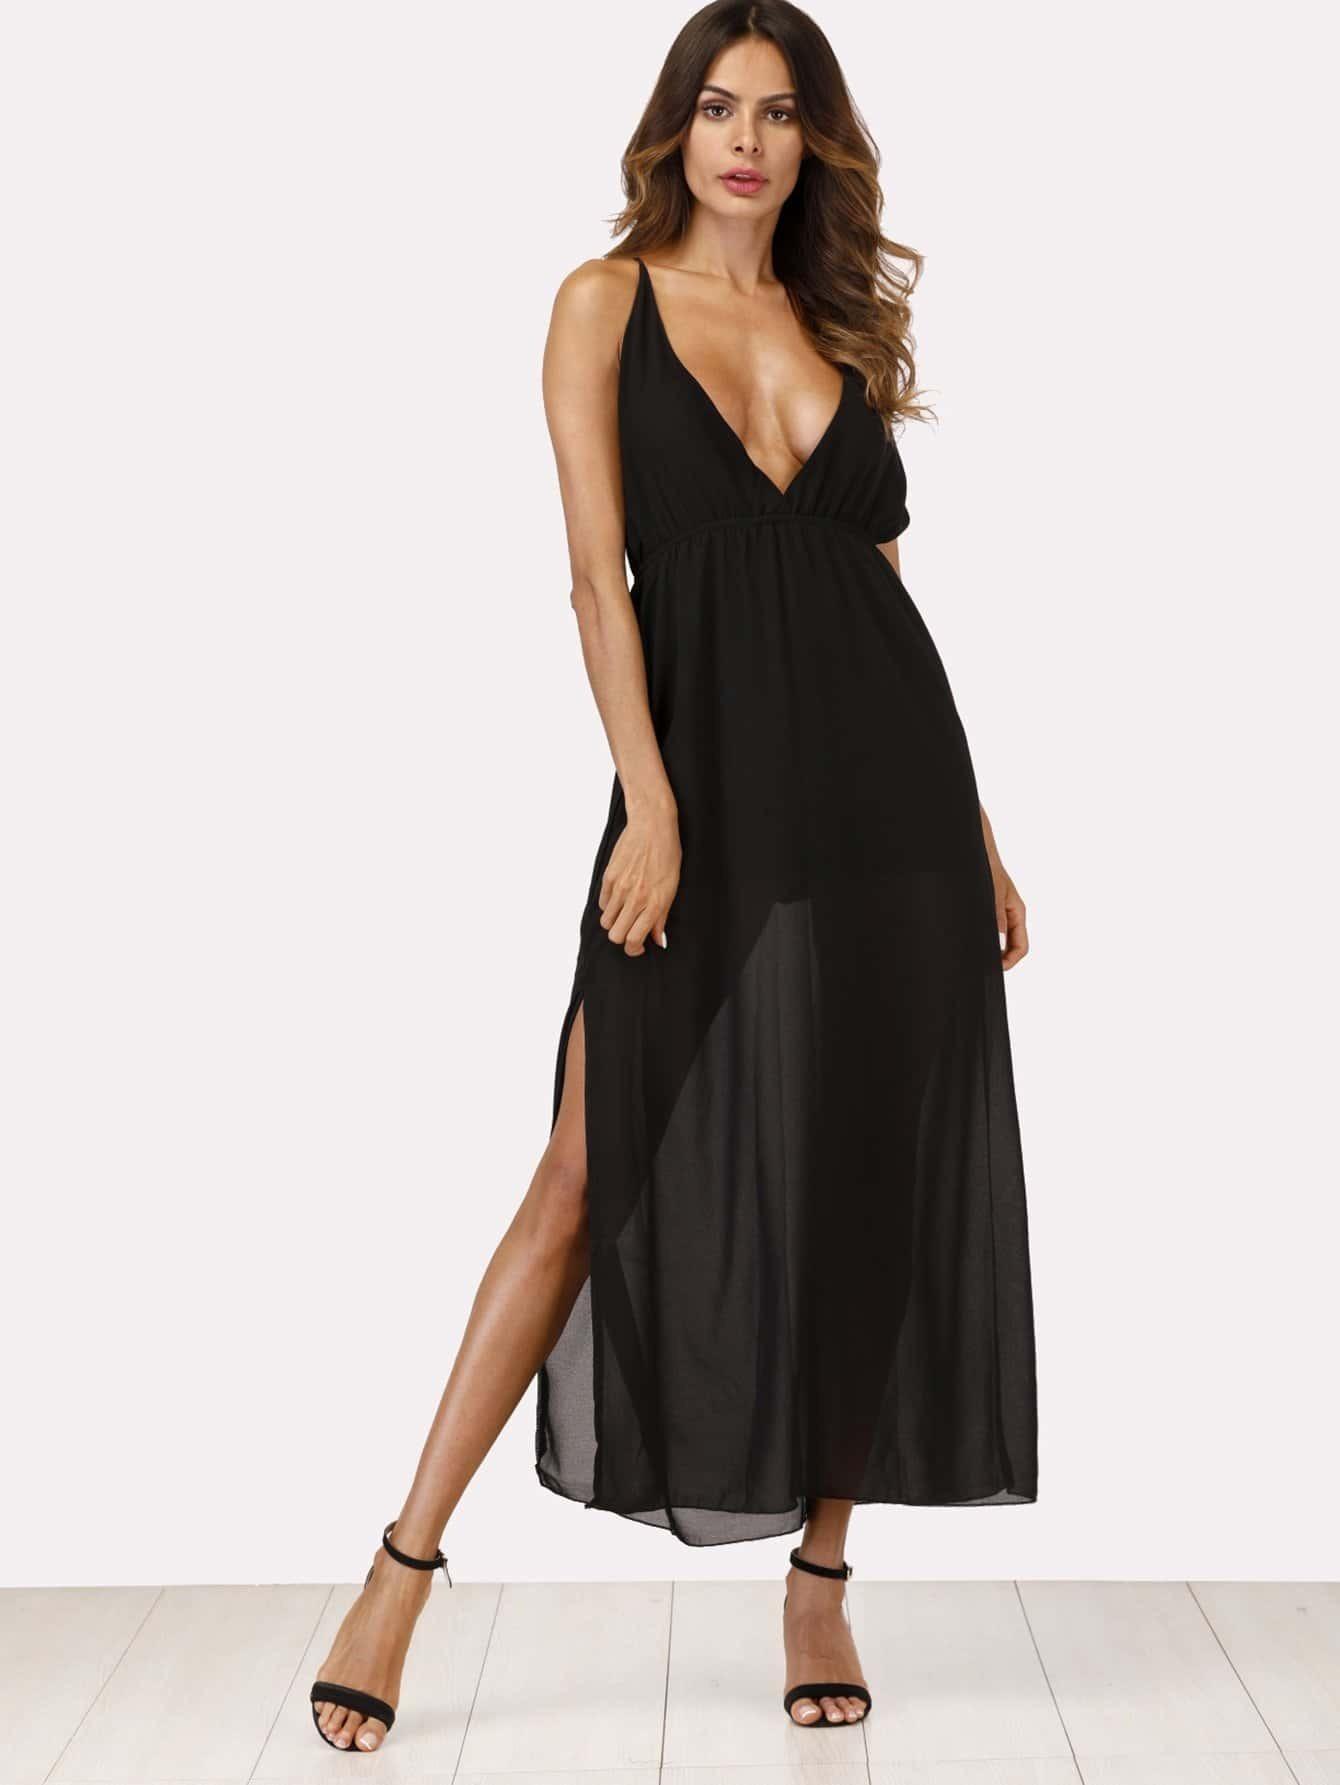 Split Side Criss Cross Back Dress long criss cross open back formal party dress